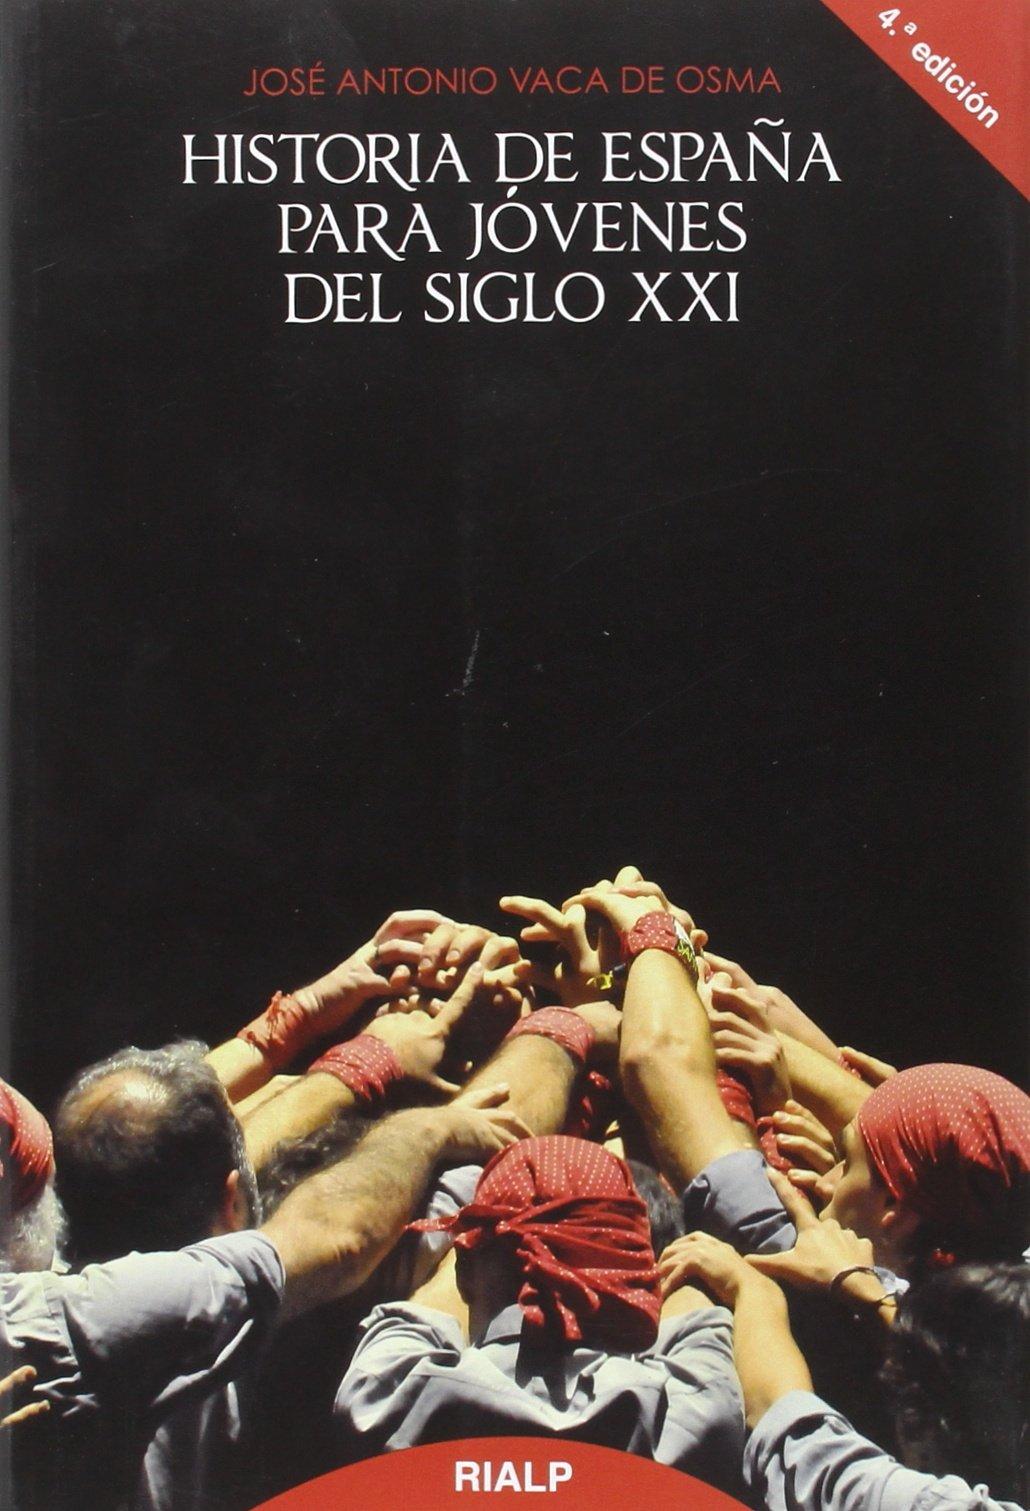 *Historia de España para jóvenes del siglo XXI (Historia y Biografías) Tapa blanda – 1 abr 2003 José Antonio Vaca de Osma Rialp 8432134392 European history